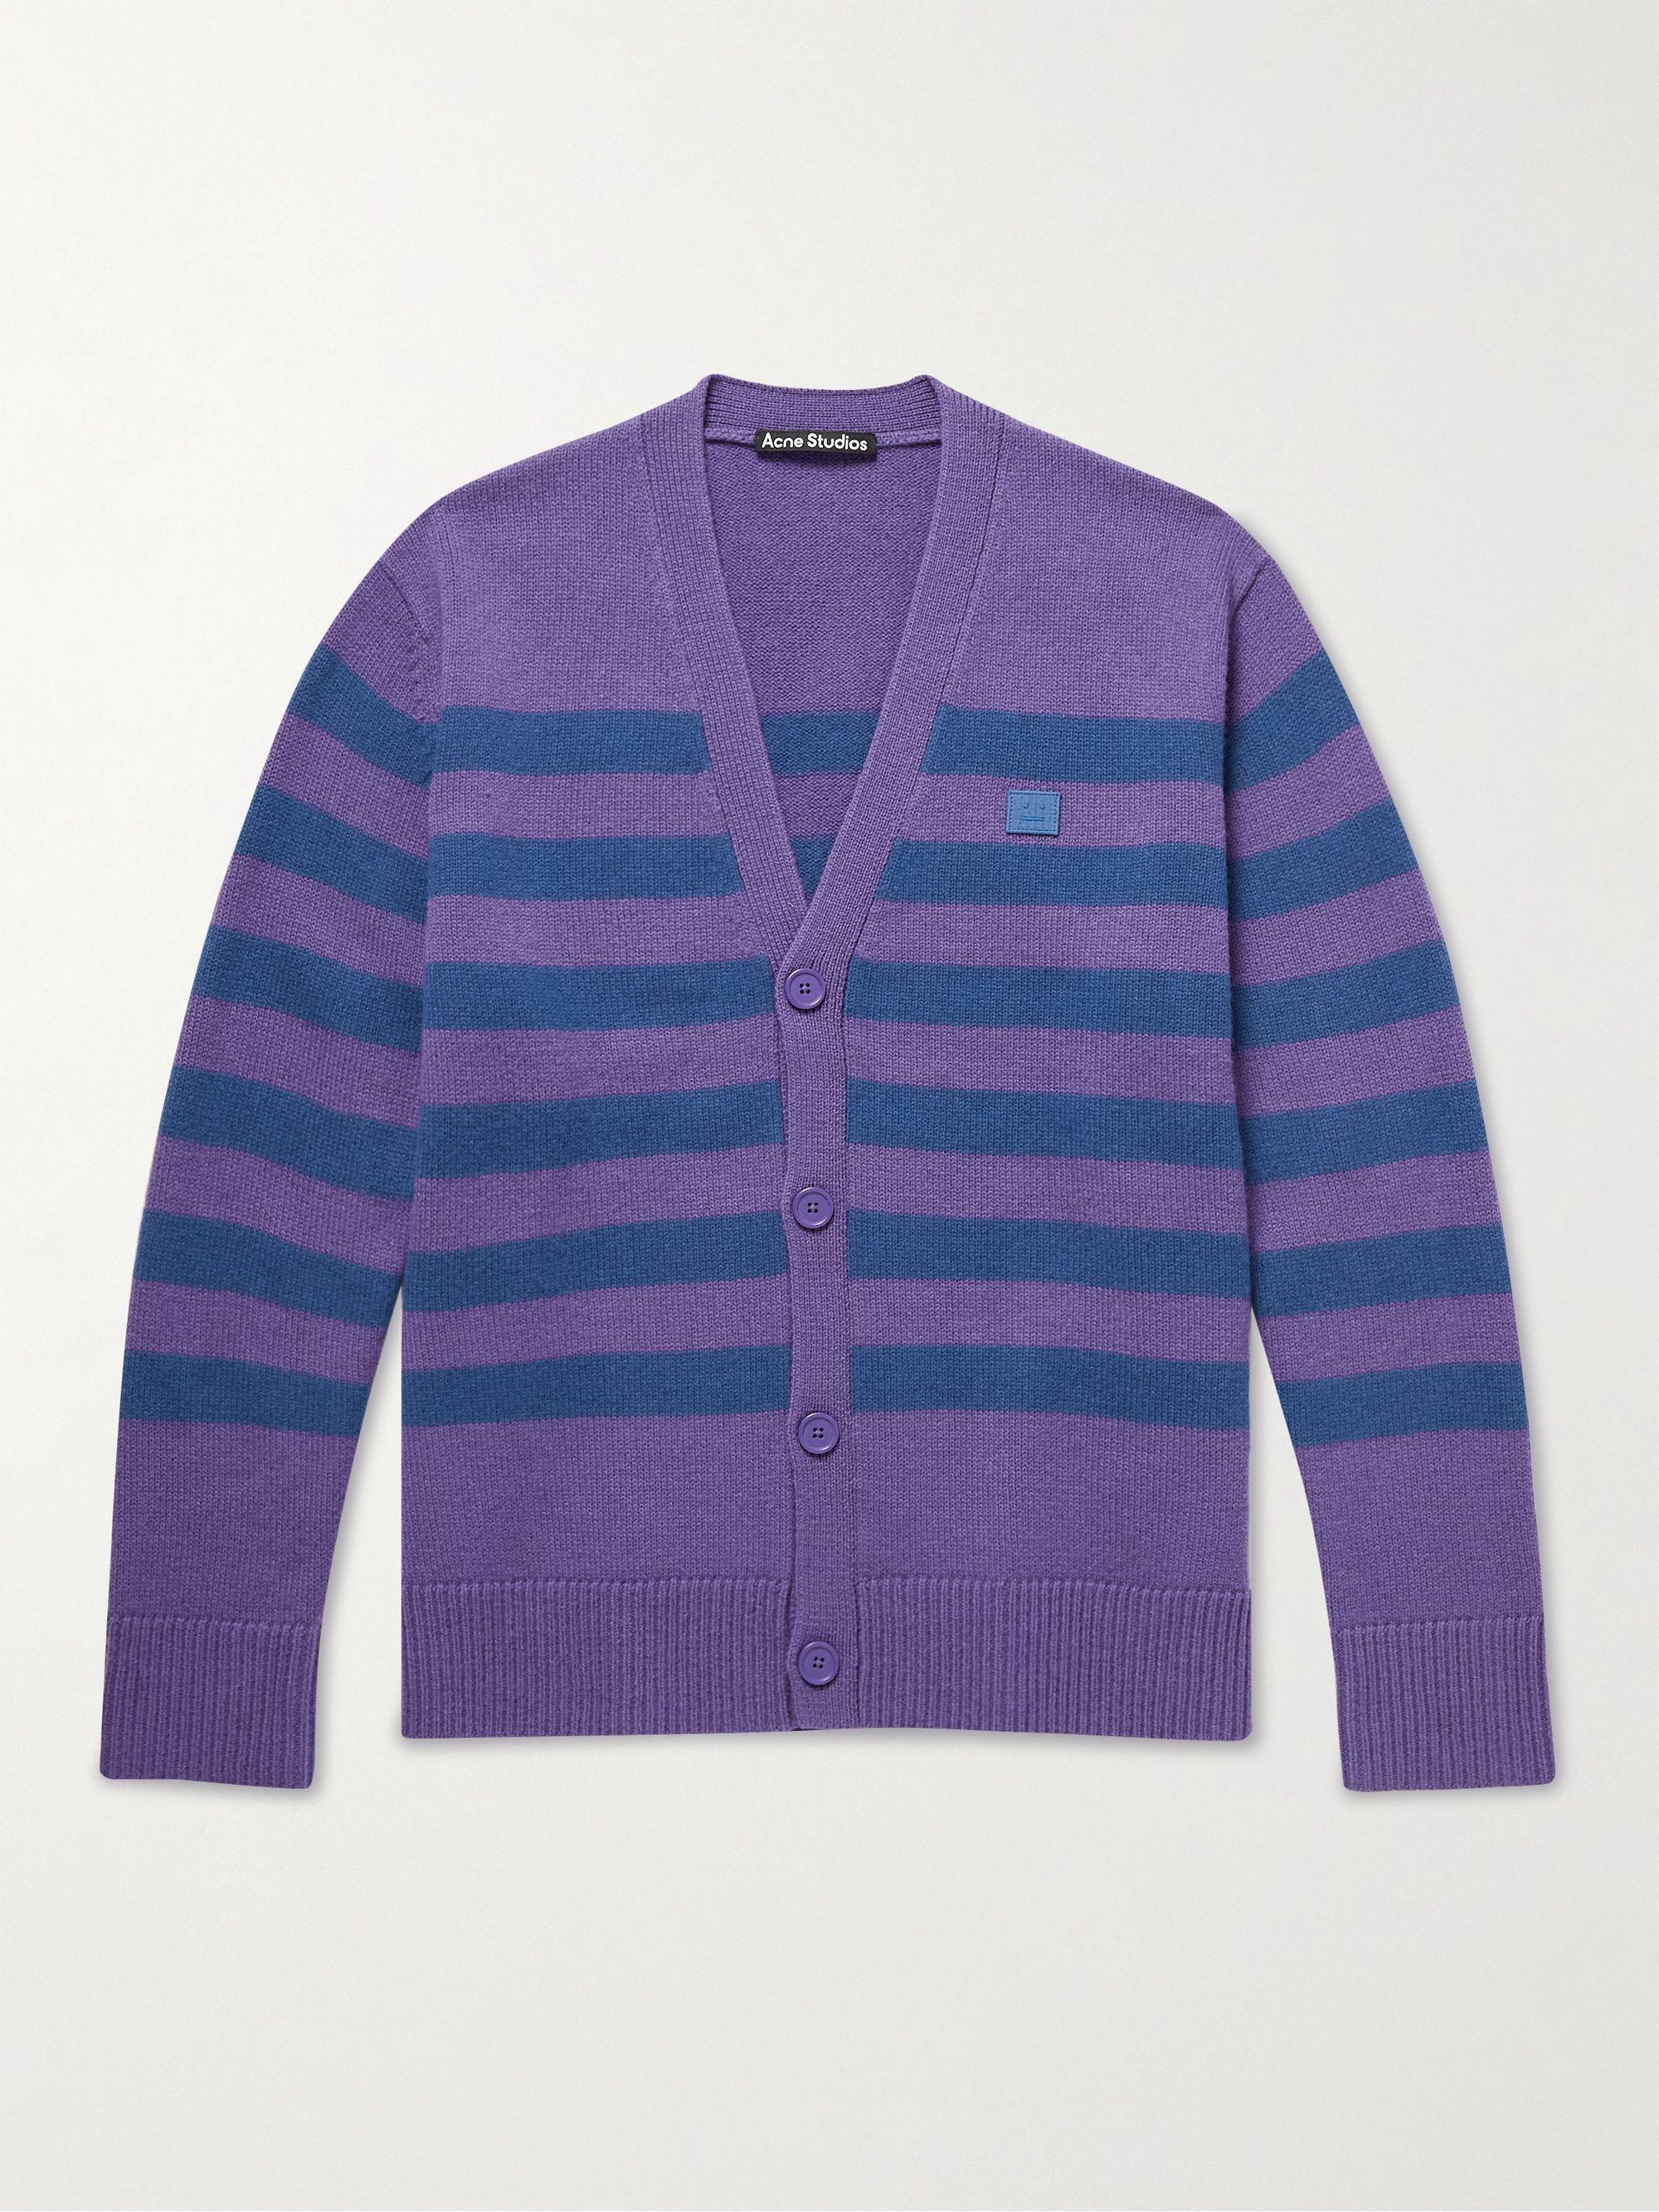 아크네 스튜디오 '페이스' 로고 울 가디건 Acne Studios Kimano Logo-Appliqued Striped Wool Cardigan,Purple